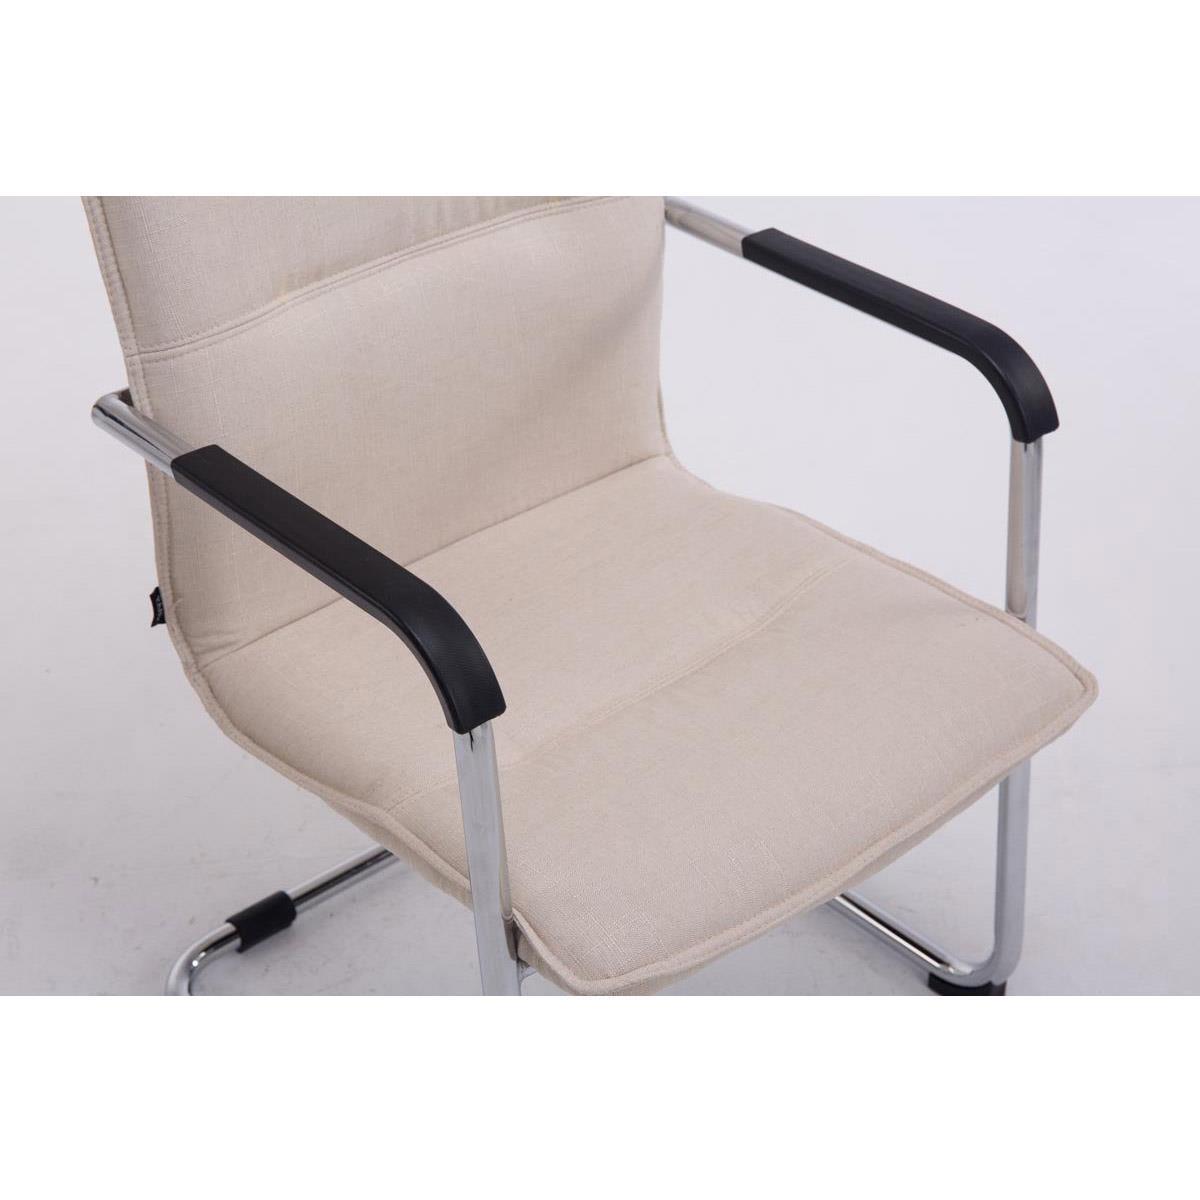 Tissu De La Reunion chaise de réunion goliath tissu, structure métallique, couleur crème